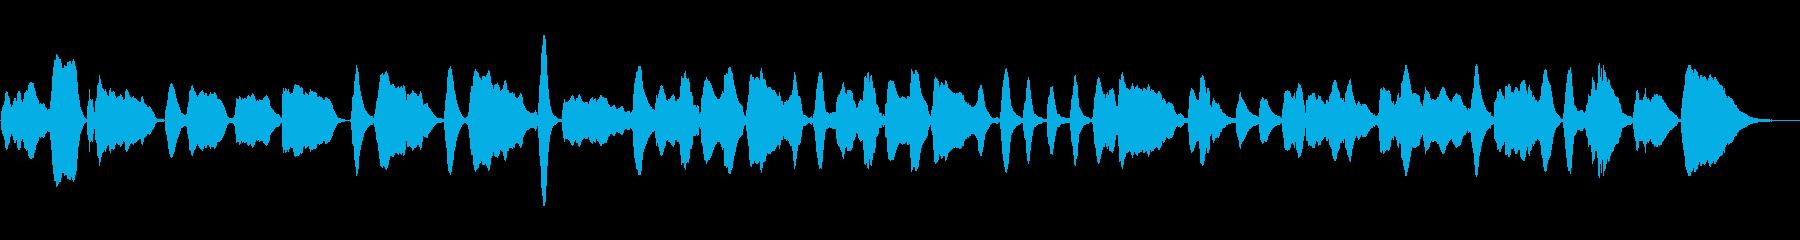 「もろびとこぞりて」をヴァイオリンソロでの再生済みの波形